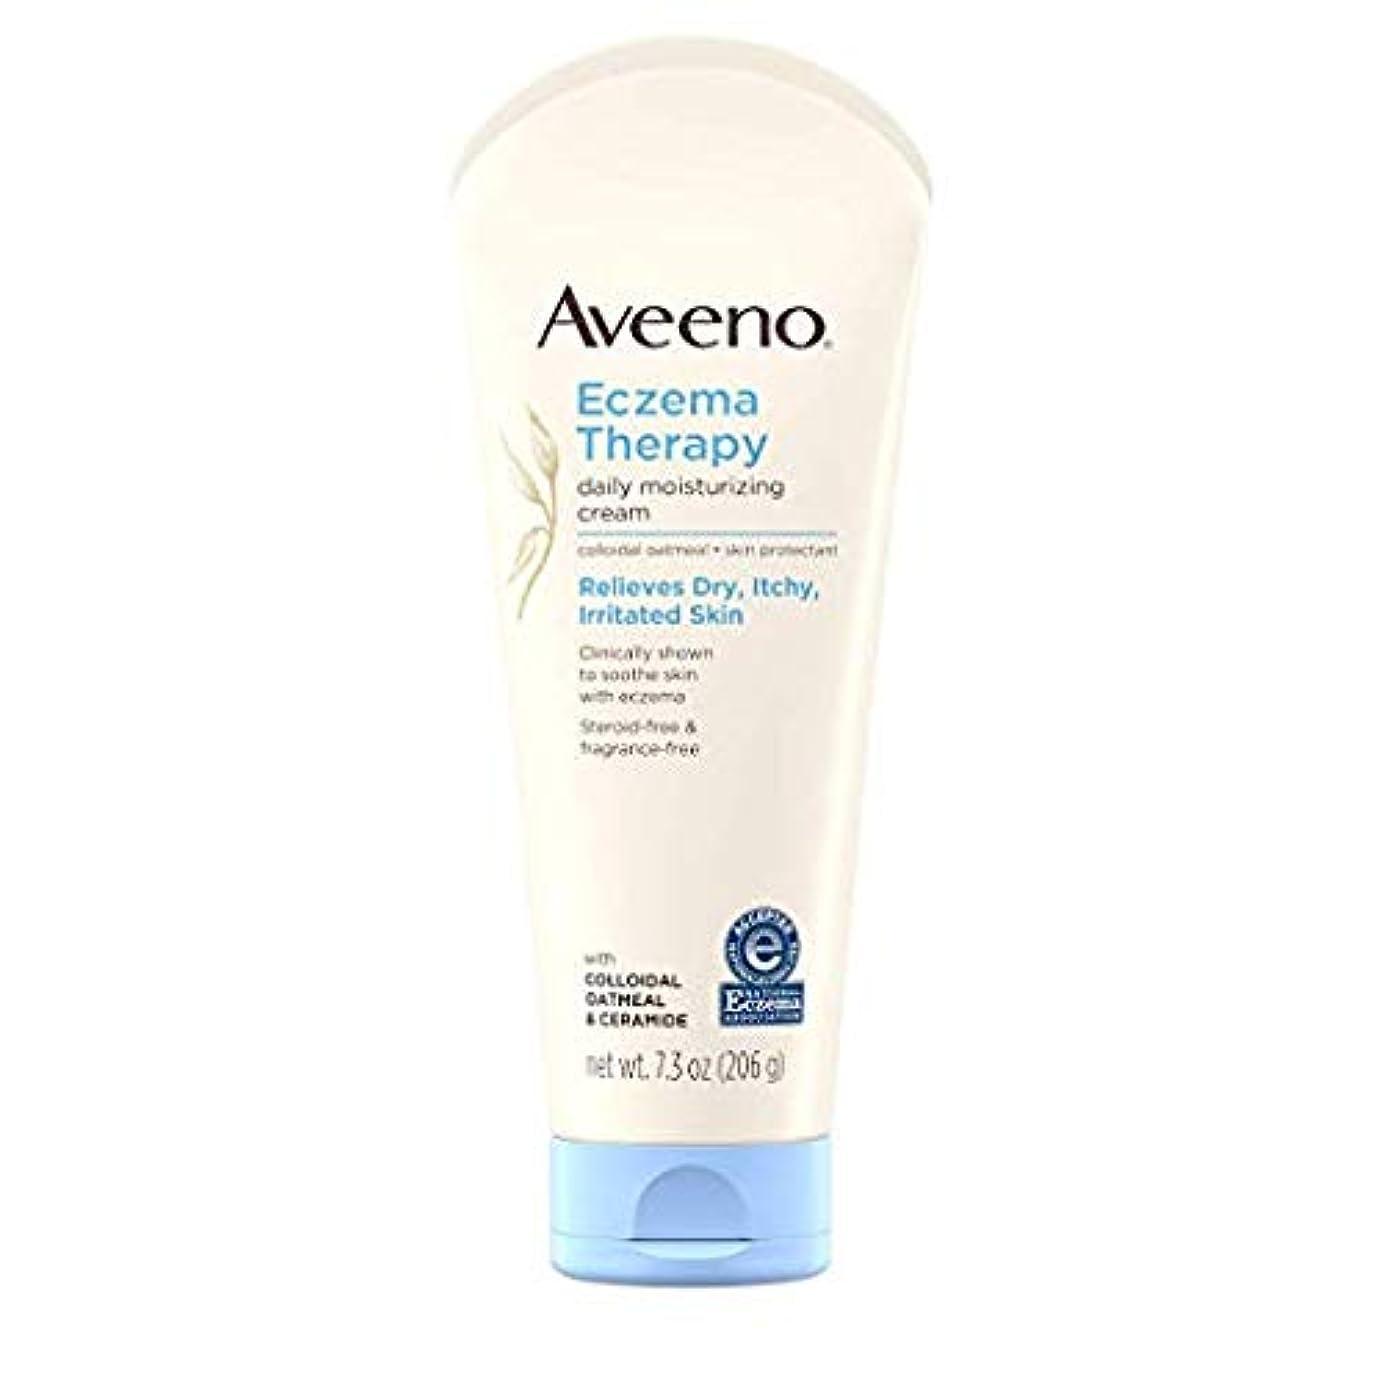 シリングメモ薄いAveeno - Eczema Therapy Moisturizing Cream - 7.3 oz (206 g) アビーノ 保湿クリーム [並行輸入品]